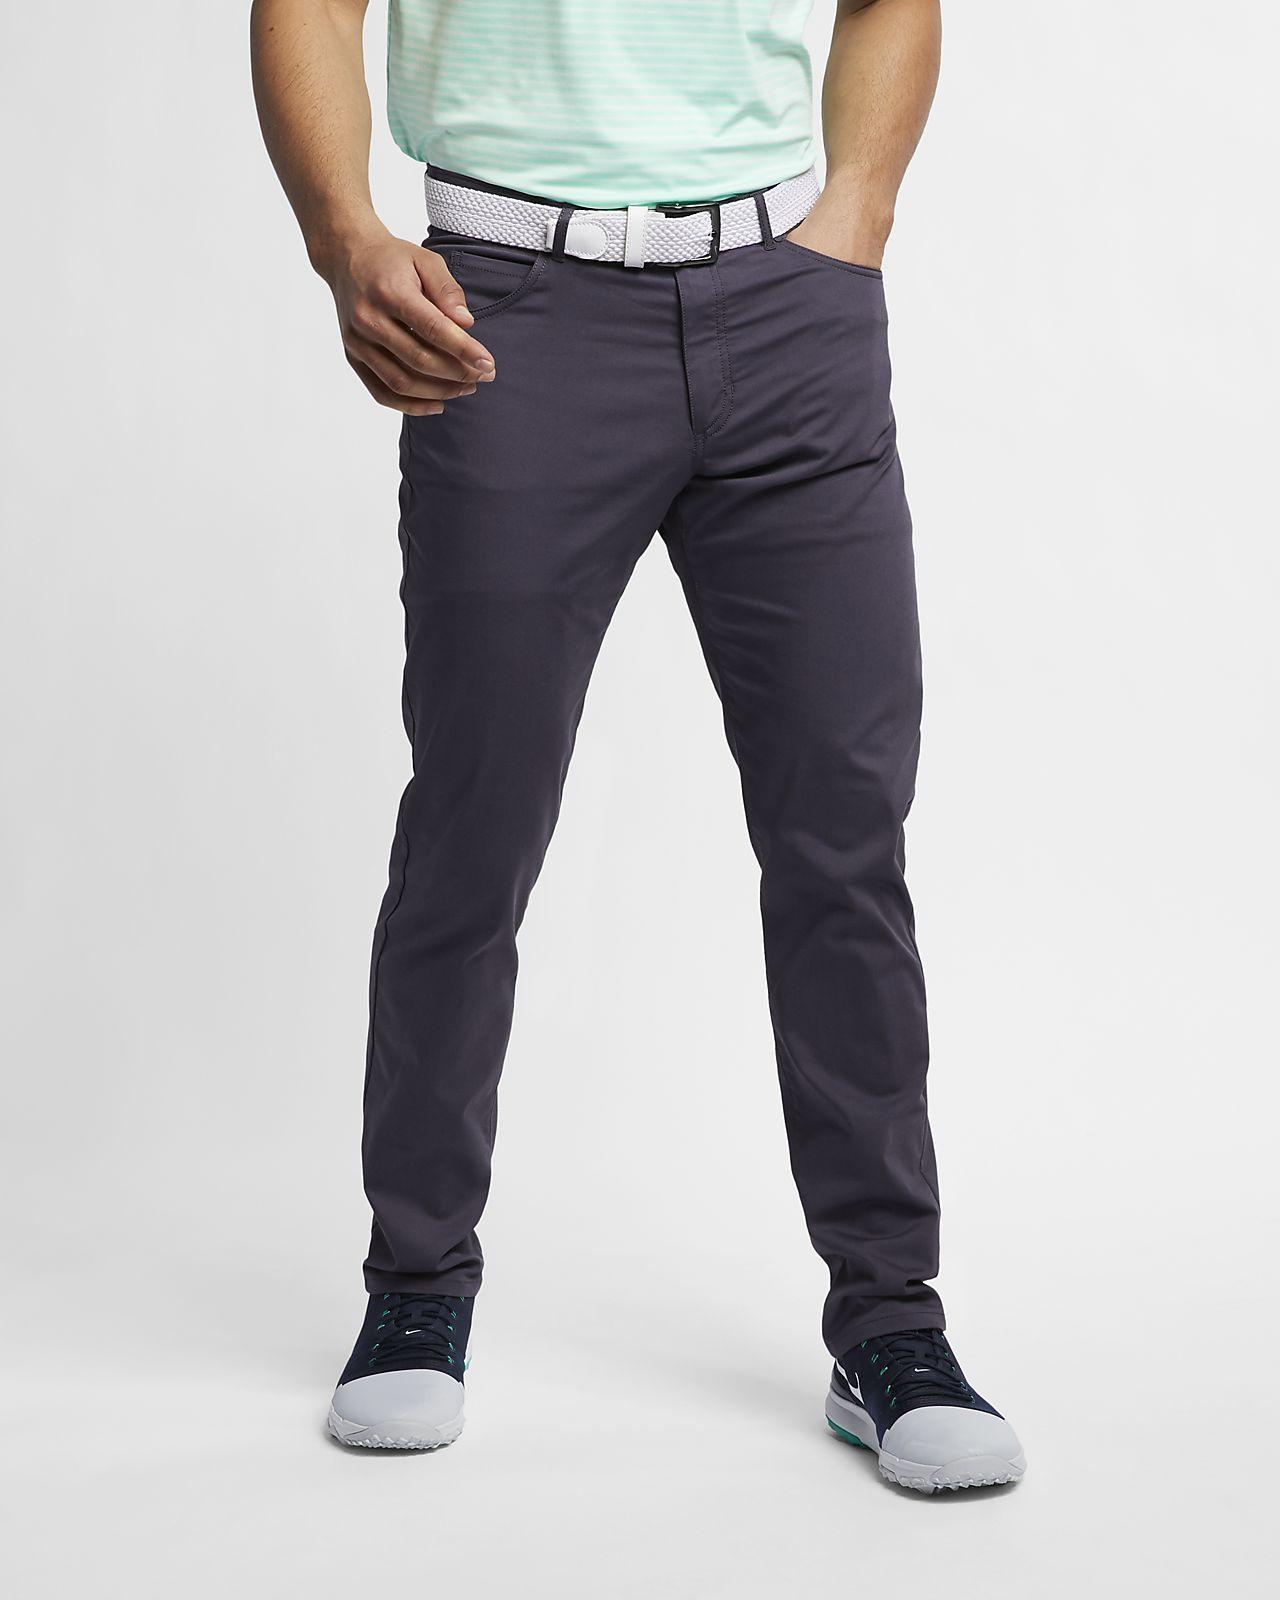 Nike Flex Pantalons d'ajust entallat amb cinc butxaques de golf - Home